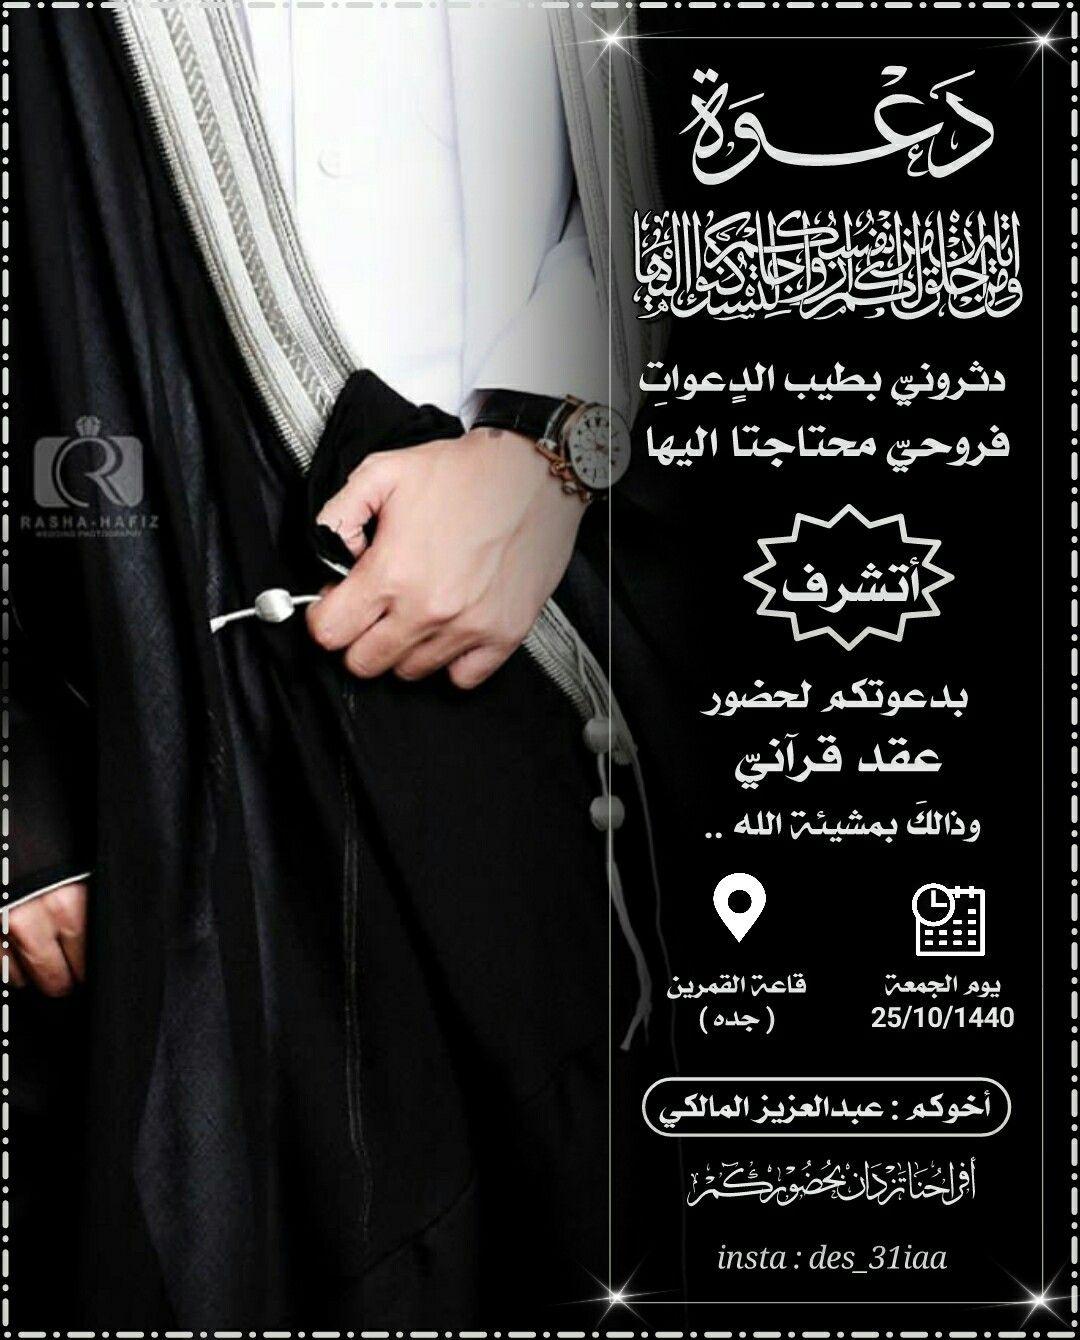 دعوة زفاف Wedding Invitation Background Wedding Frames Arab Wedding